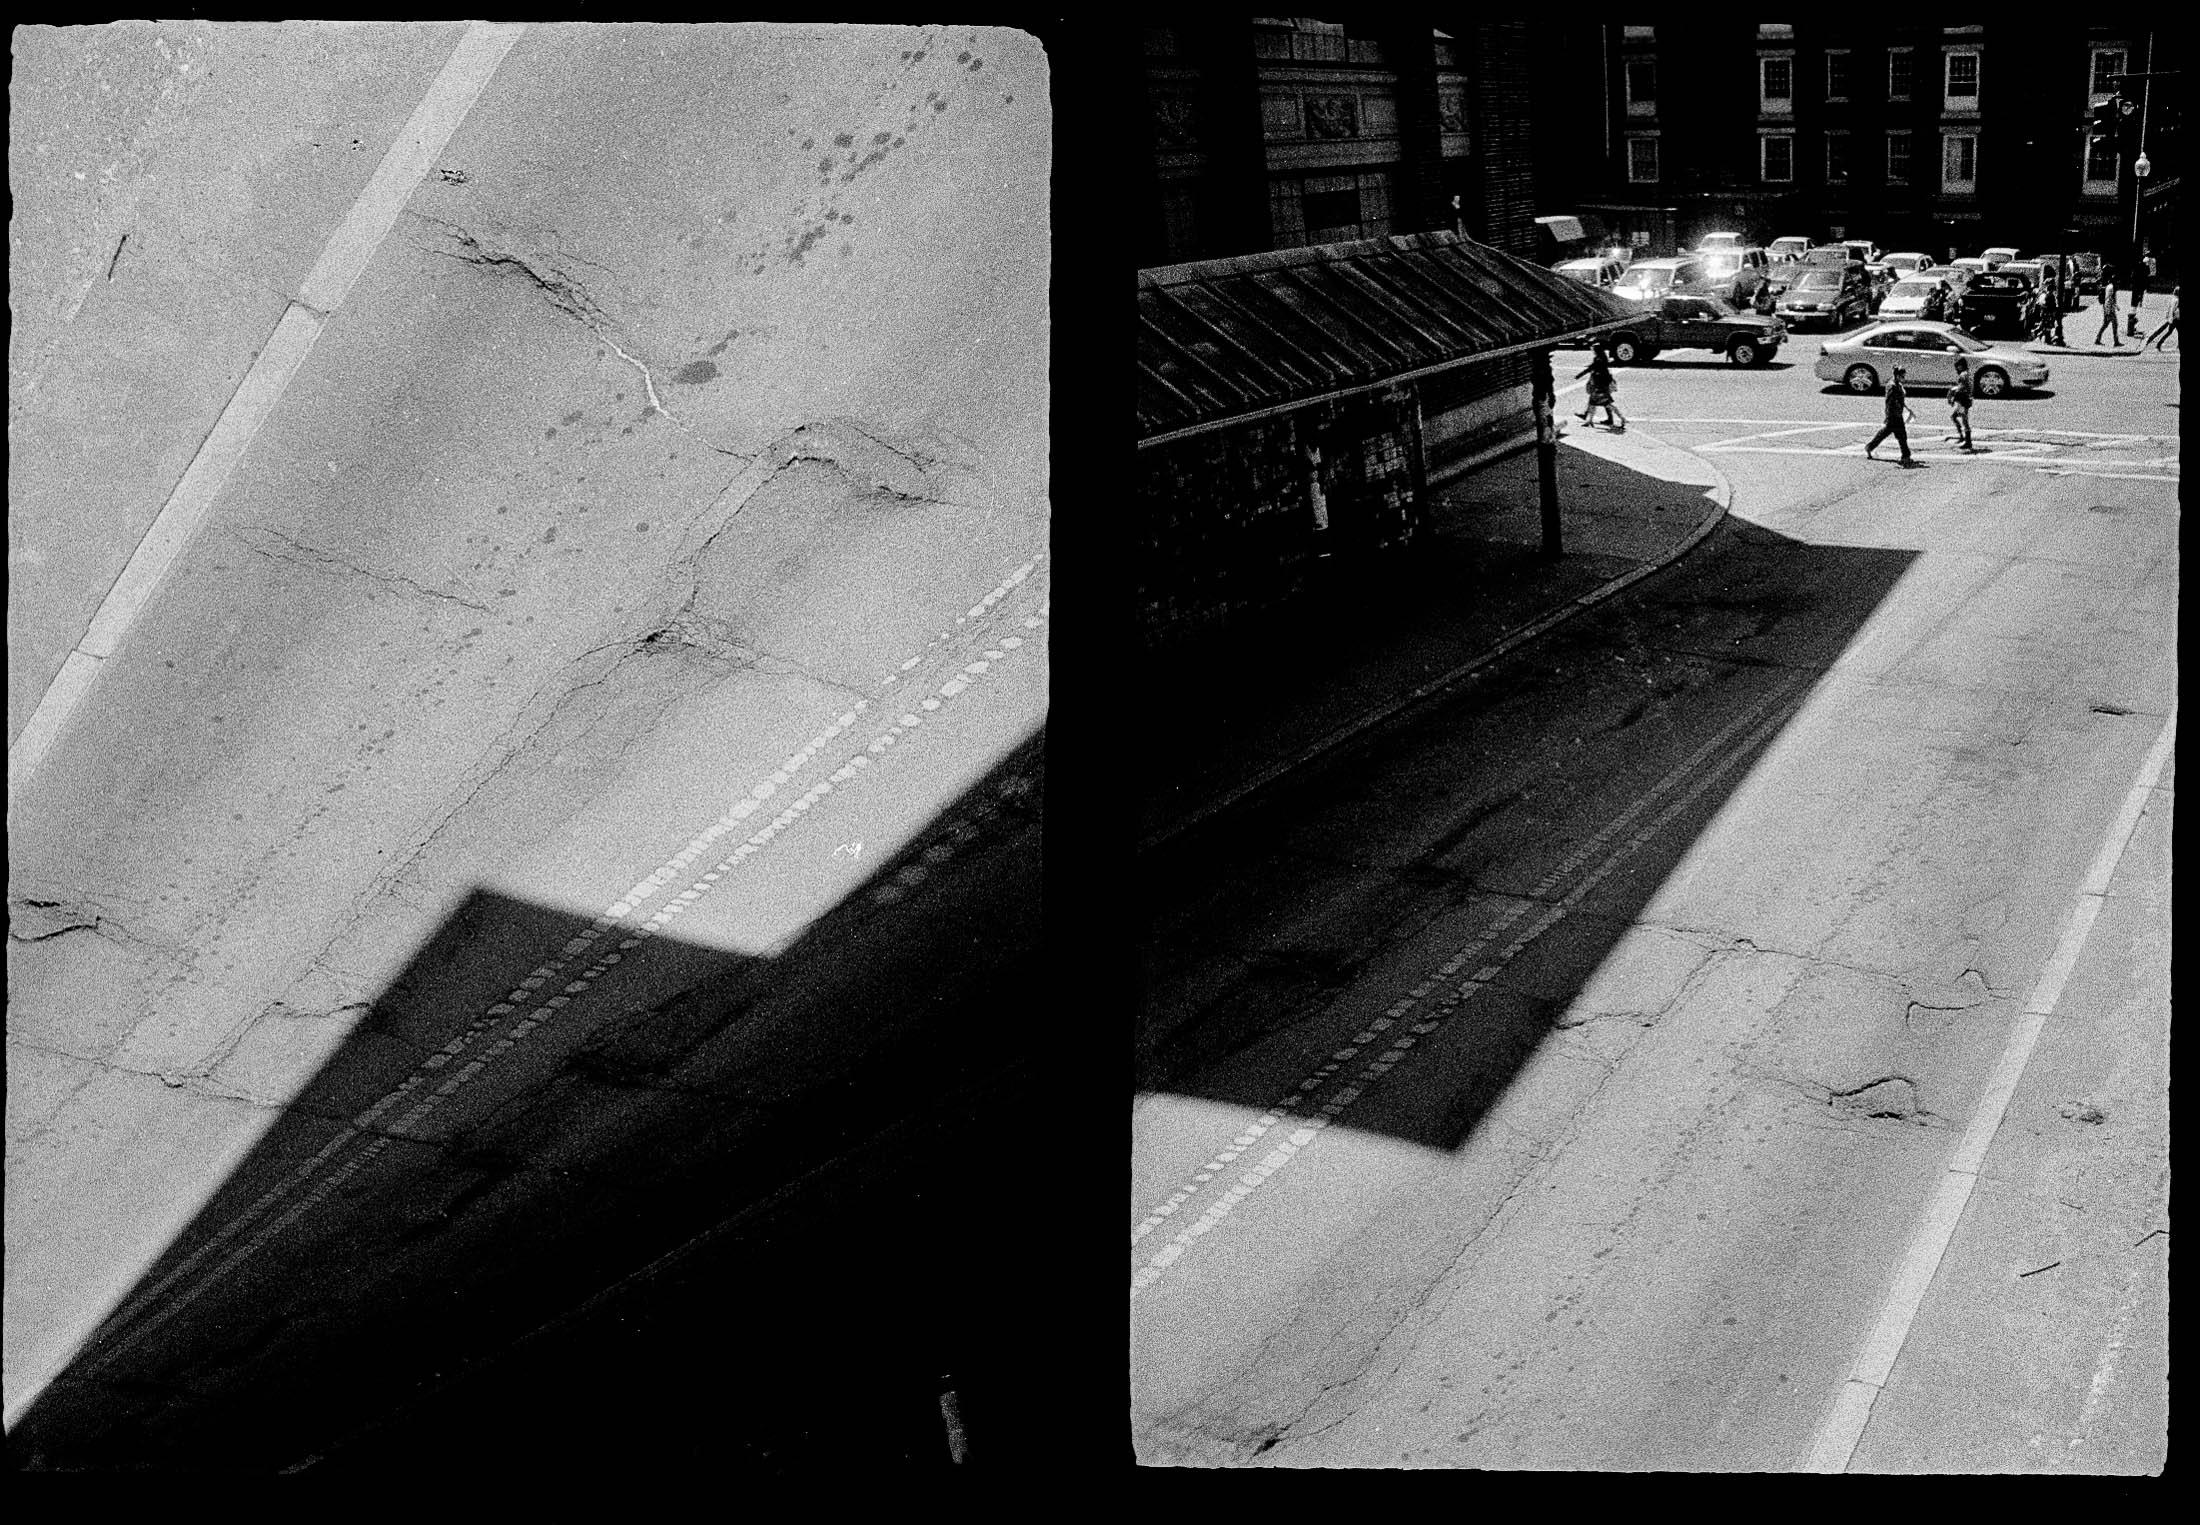 Chaika Camera, Efke50 + Rodinal. Commie film this time too. 2013